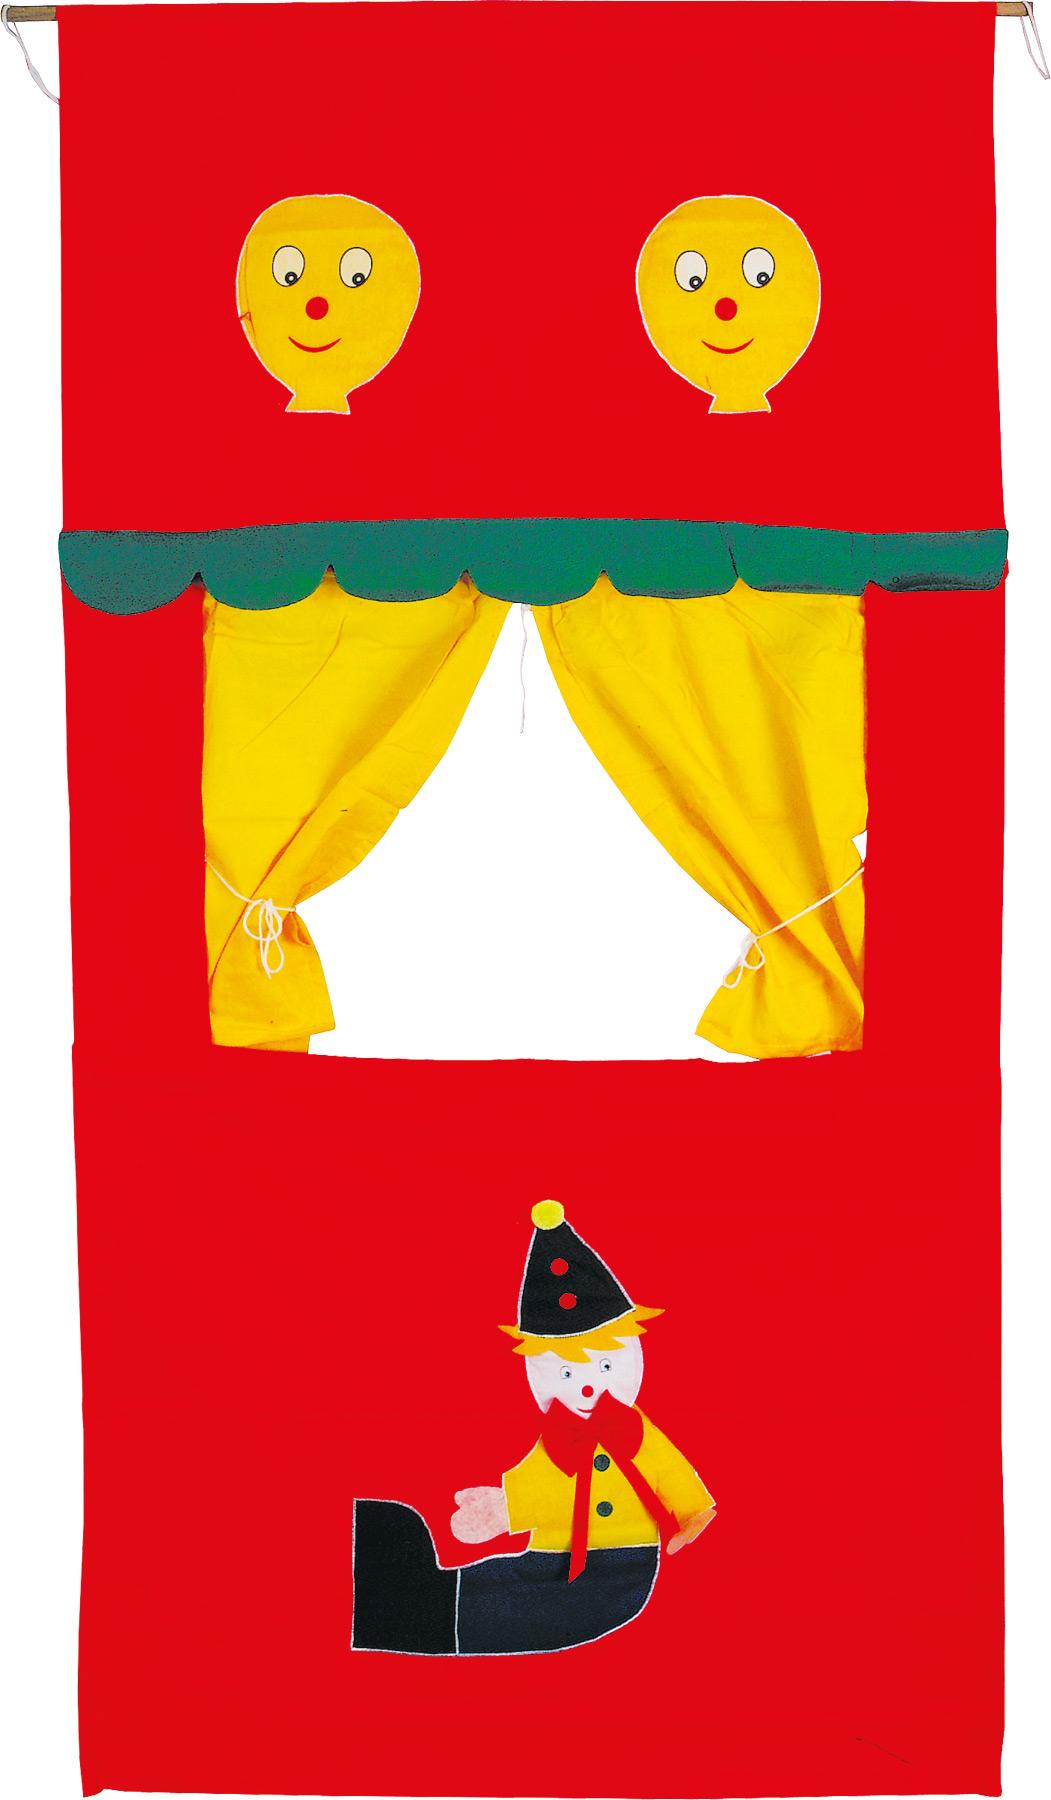 Small Foot Textilní loutkové divadlo